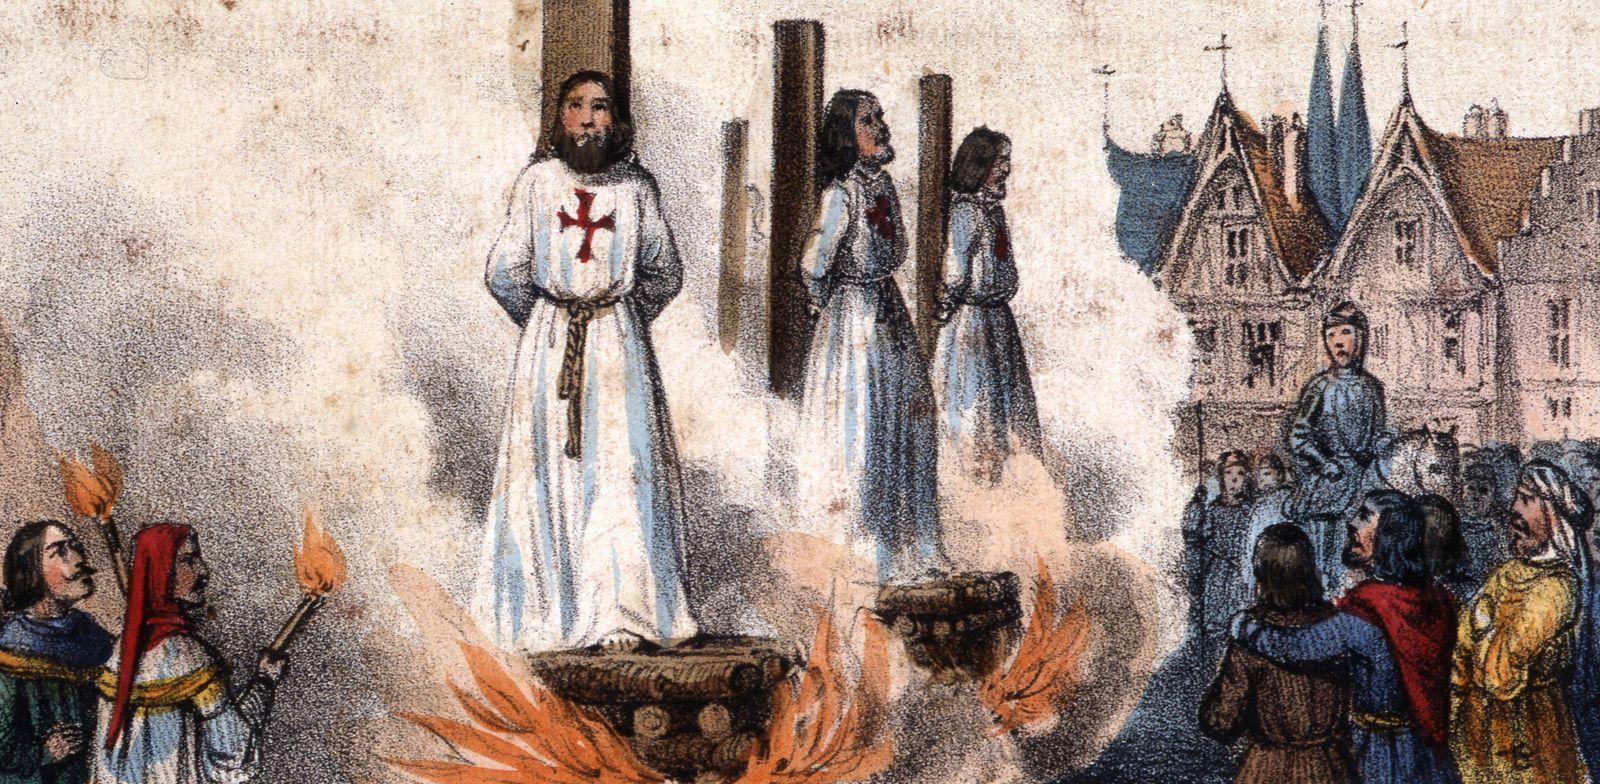 TEMPLIER Supplice des templiers en 1314. Illustration anonyme pour le Loto de l Histoire de France vers 1840. Credit : C